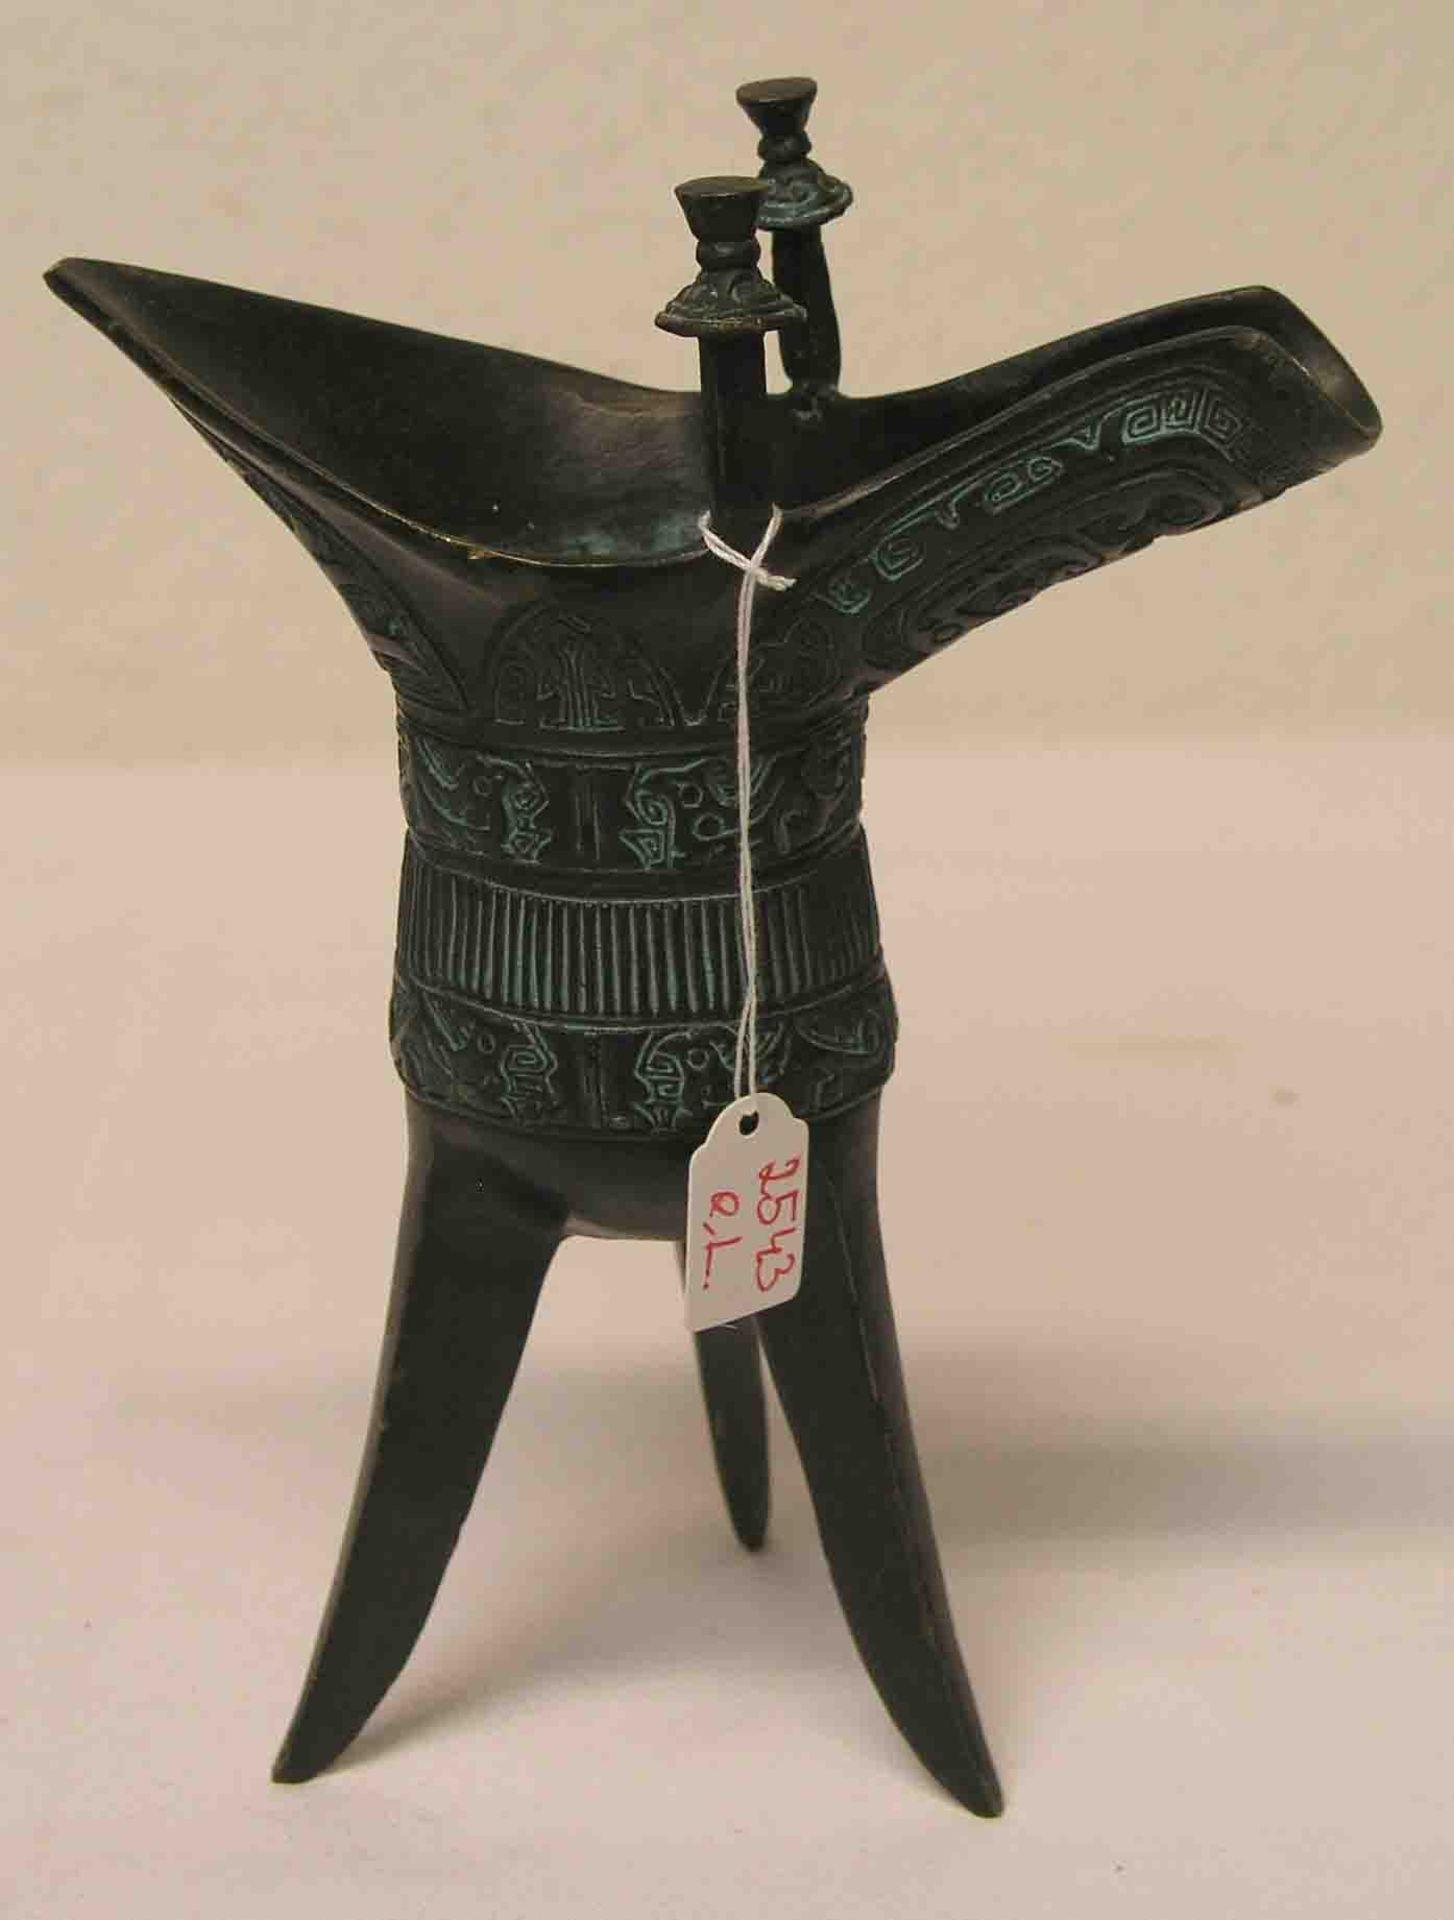 Orientalisches Gefäß. Metall, reich